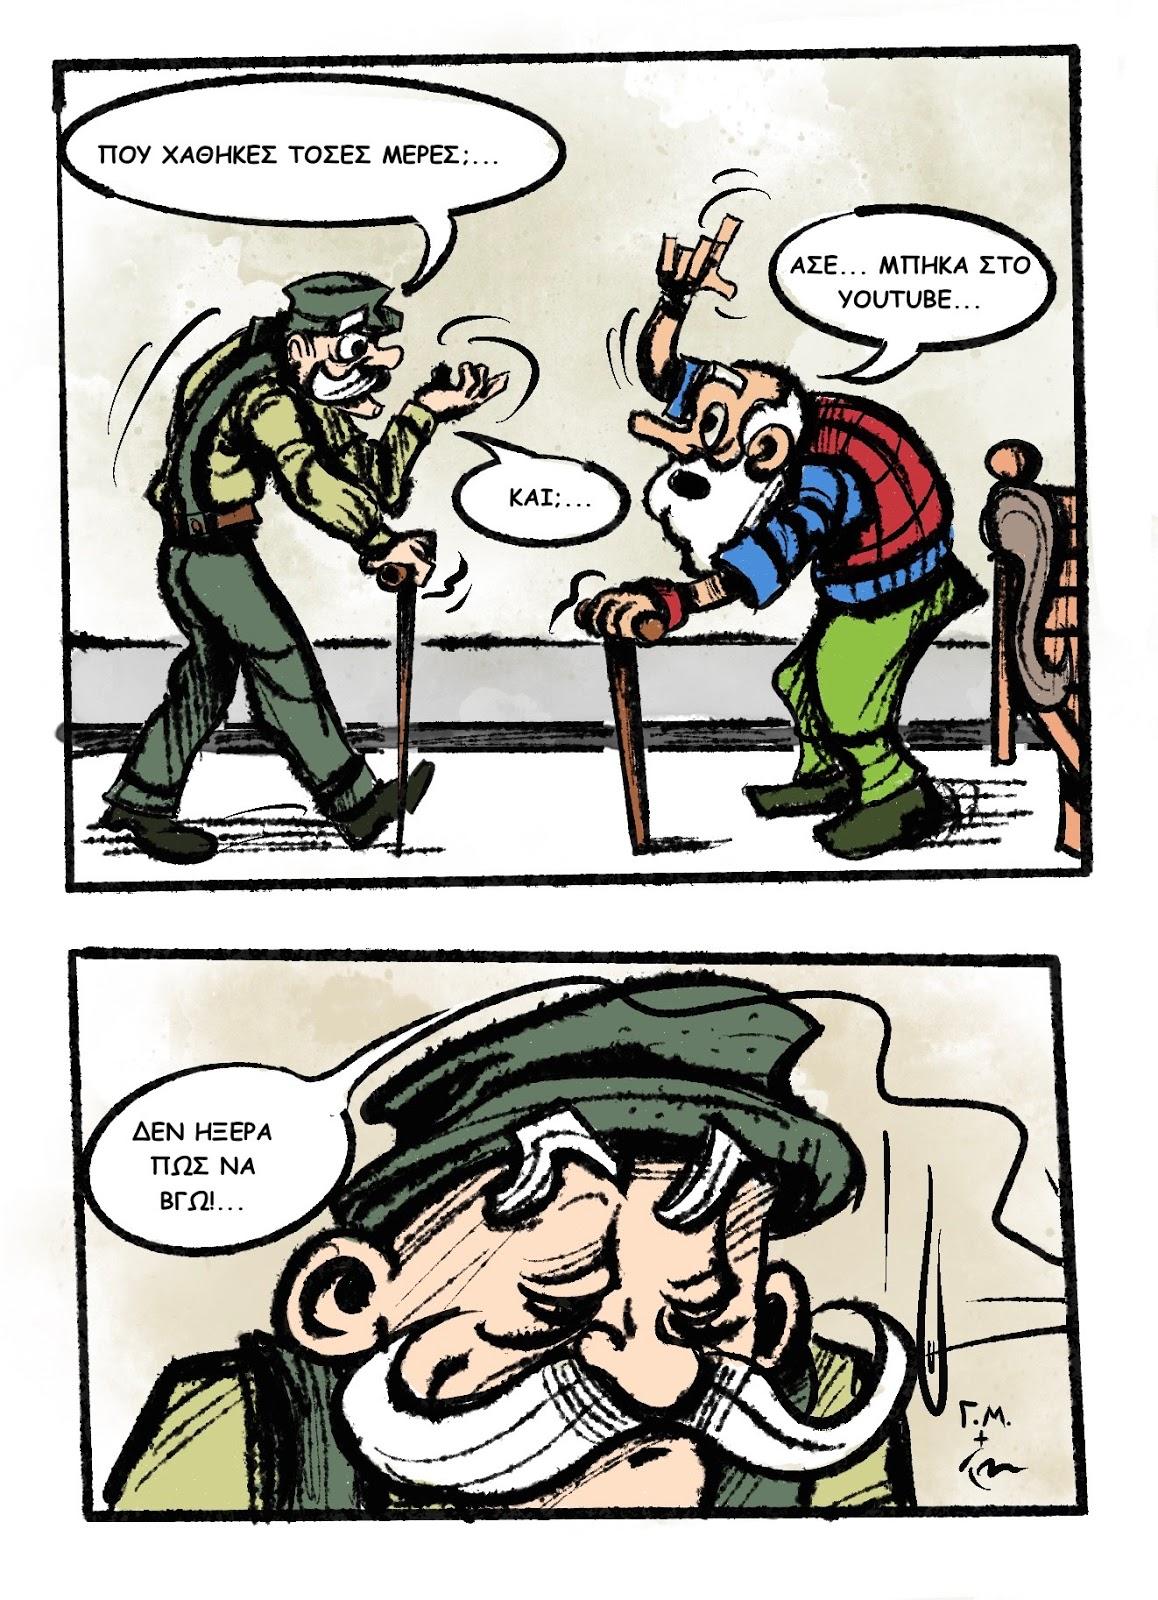 10 + 1 αστείες γελοιογραφίες που θα σας φτιάξουν τη διάθεση